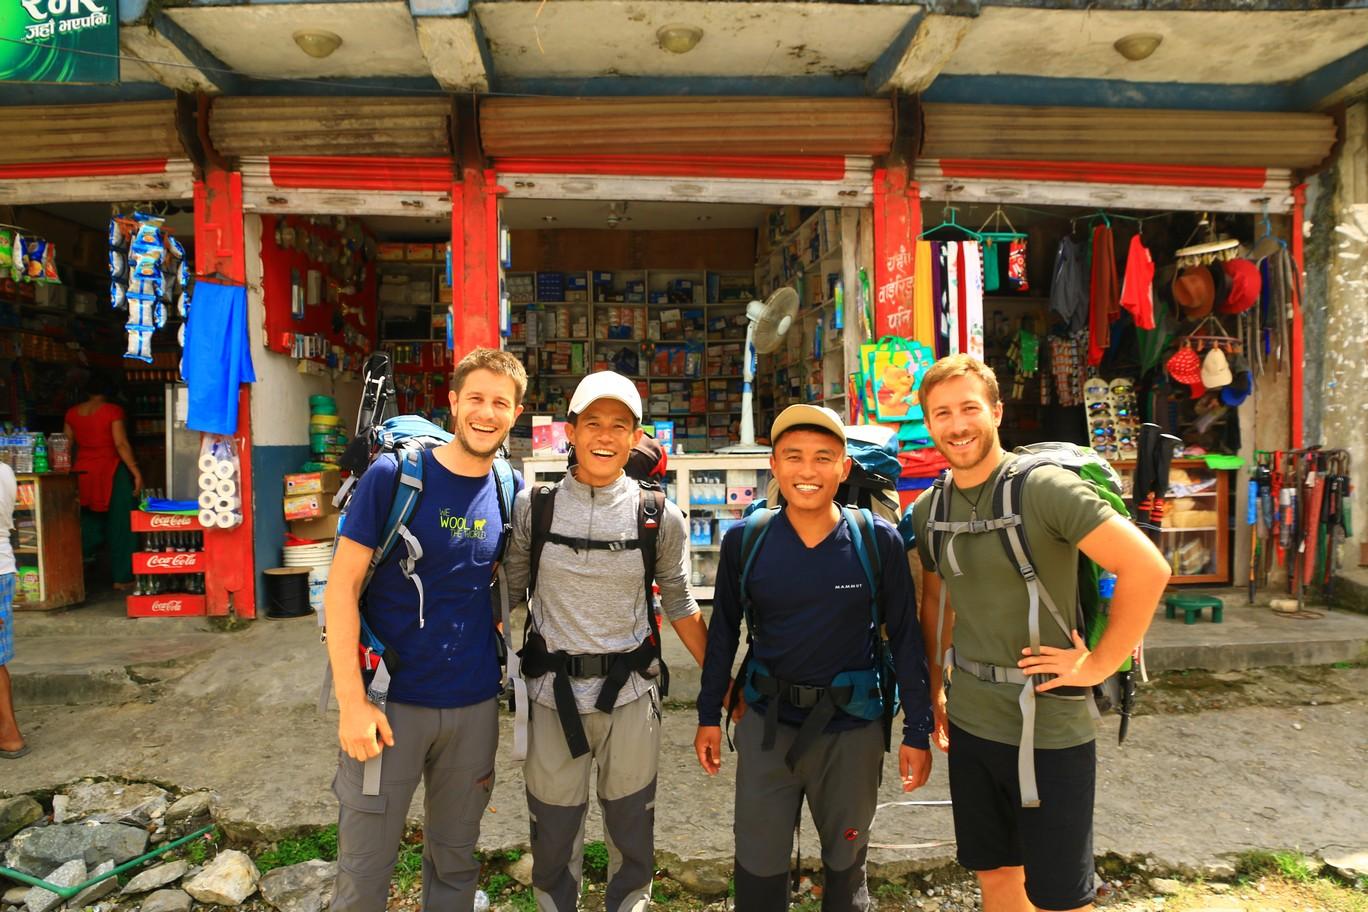 Die Annapurna Gang: Mani, Asal, Tara, Heiko (v.r.n.l.)